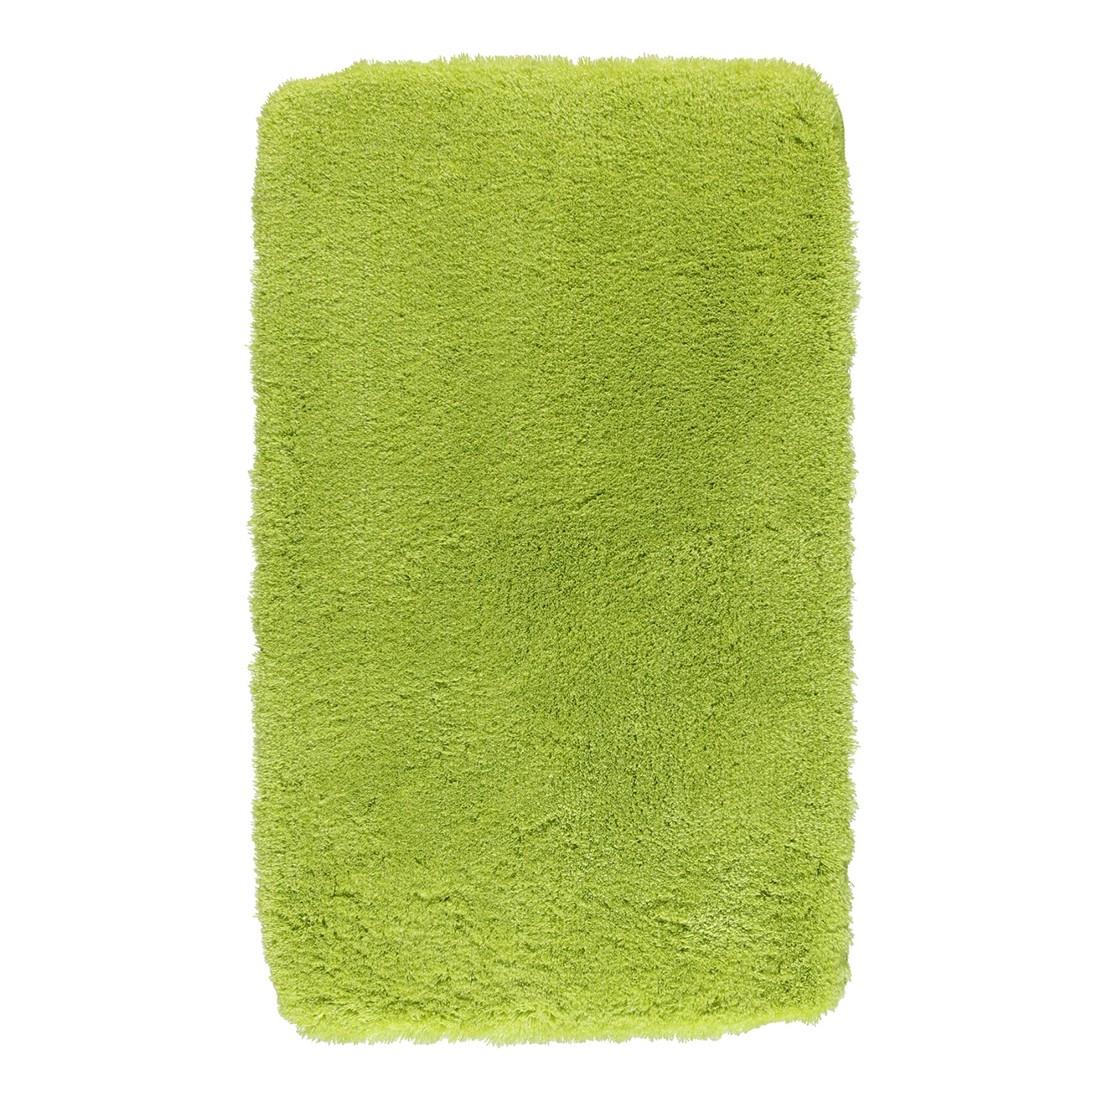 Badteppich Relax – 100% Polyacryl Alge – 605 – 55×65 cm, Kleine Wolke günstig online kaufen